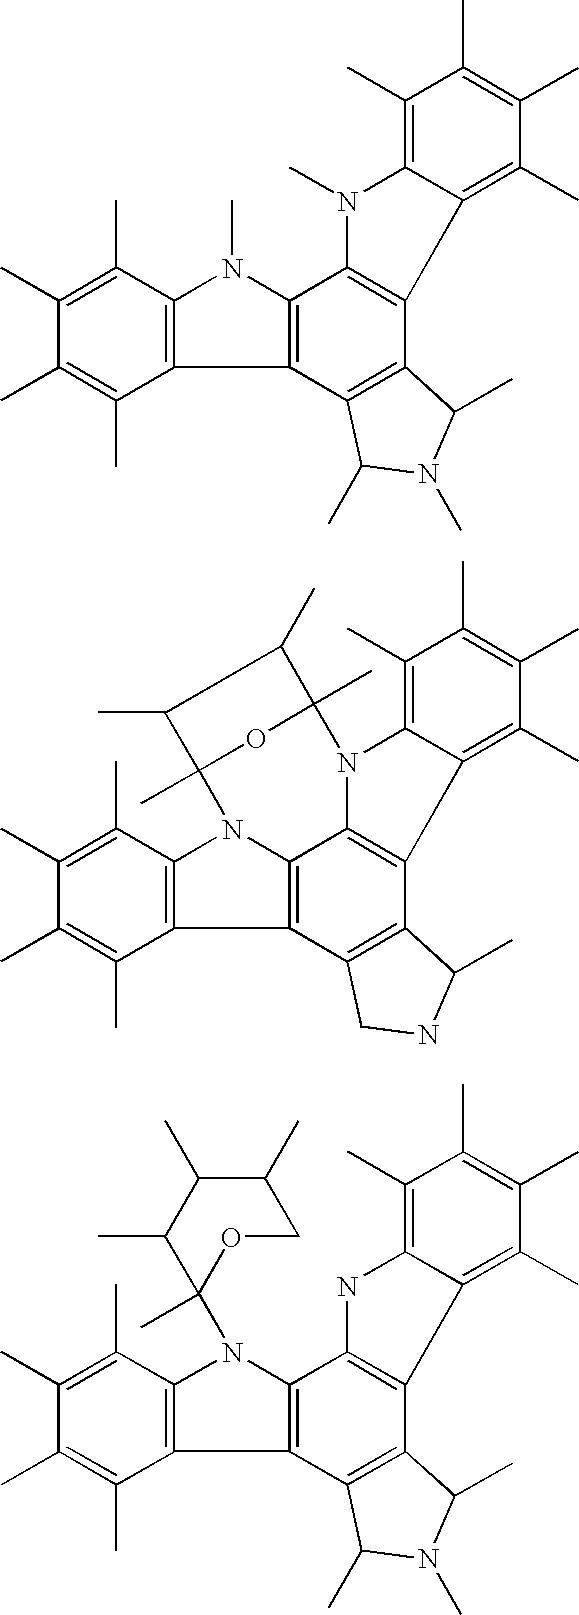 Figure US07963287-20110621-C00002